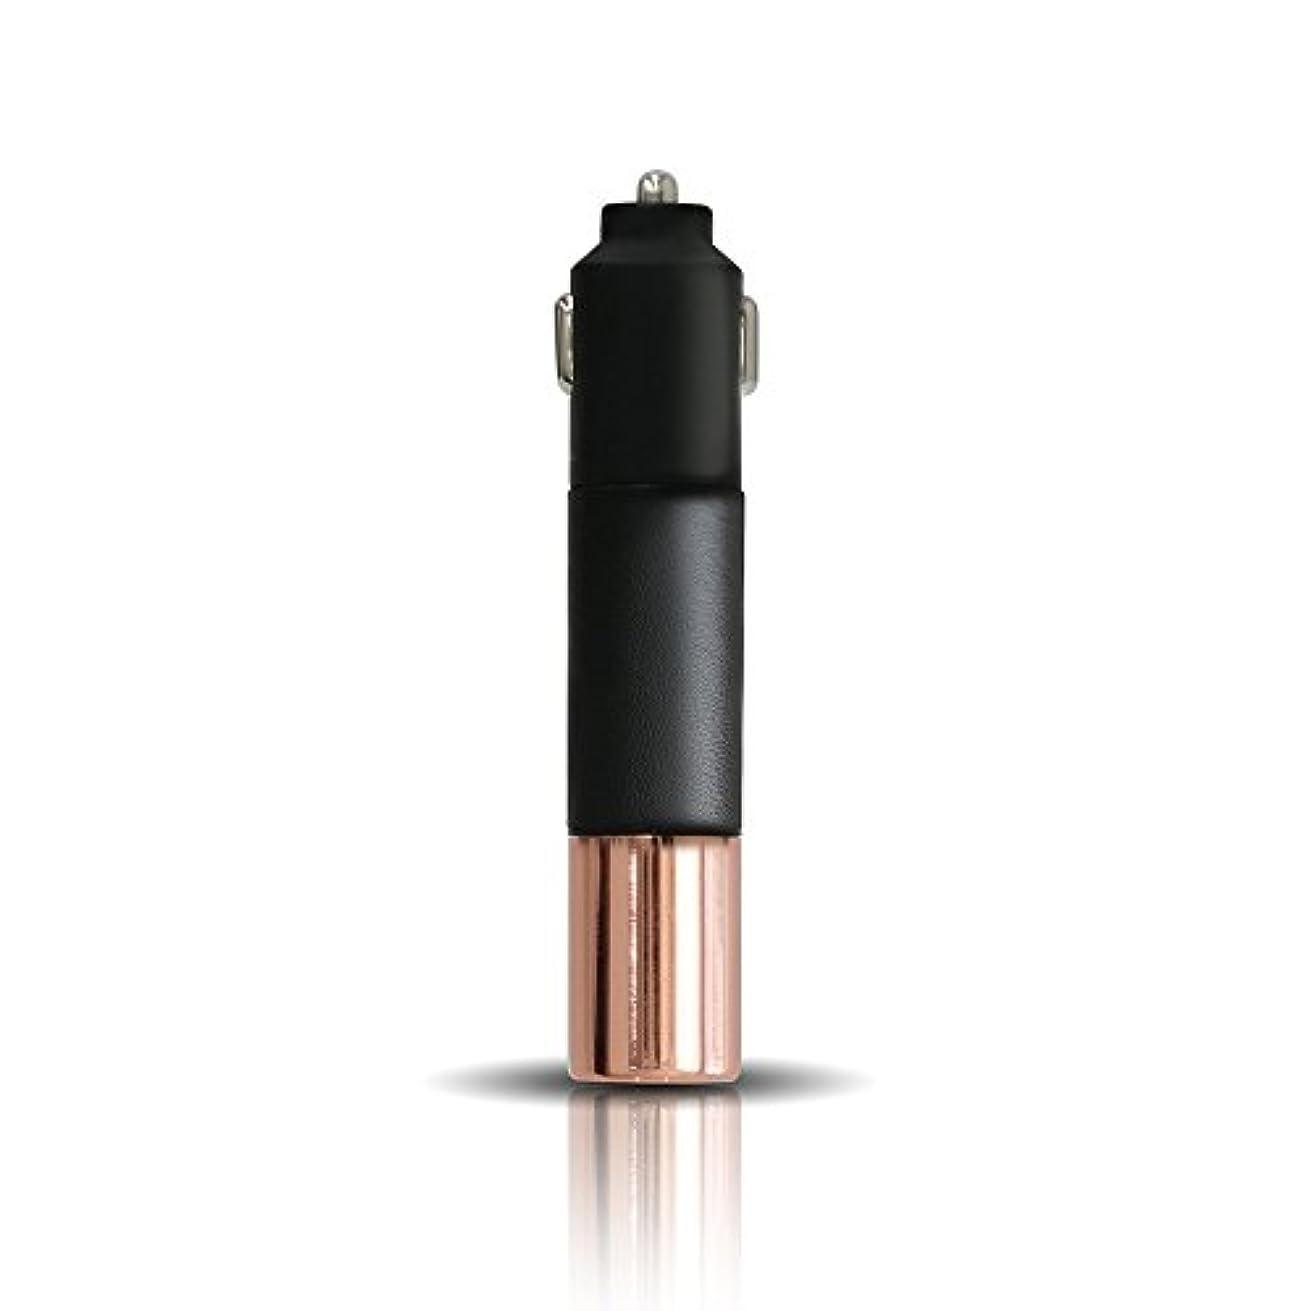 頭痛ふさわしい発言するPRISMATE(プリズメイト) Driving Aroma Diffuser Leather and Metal PR-AD02C (BK(ブラック))